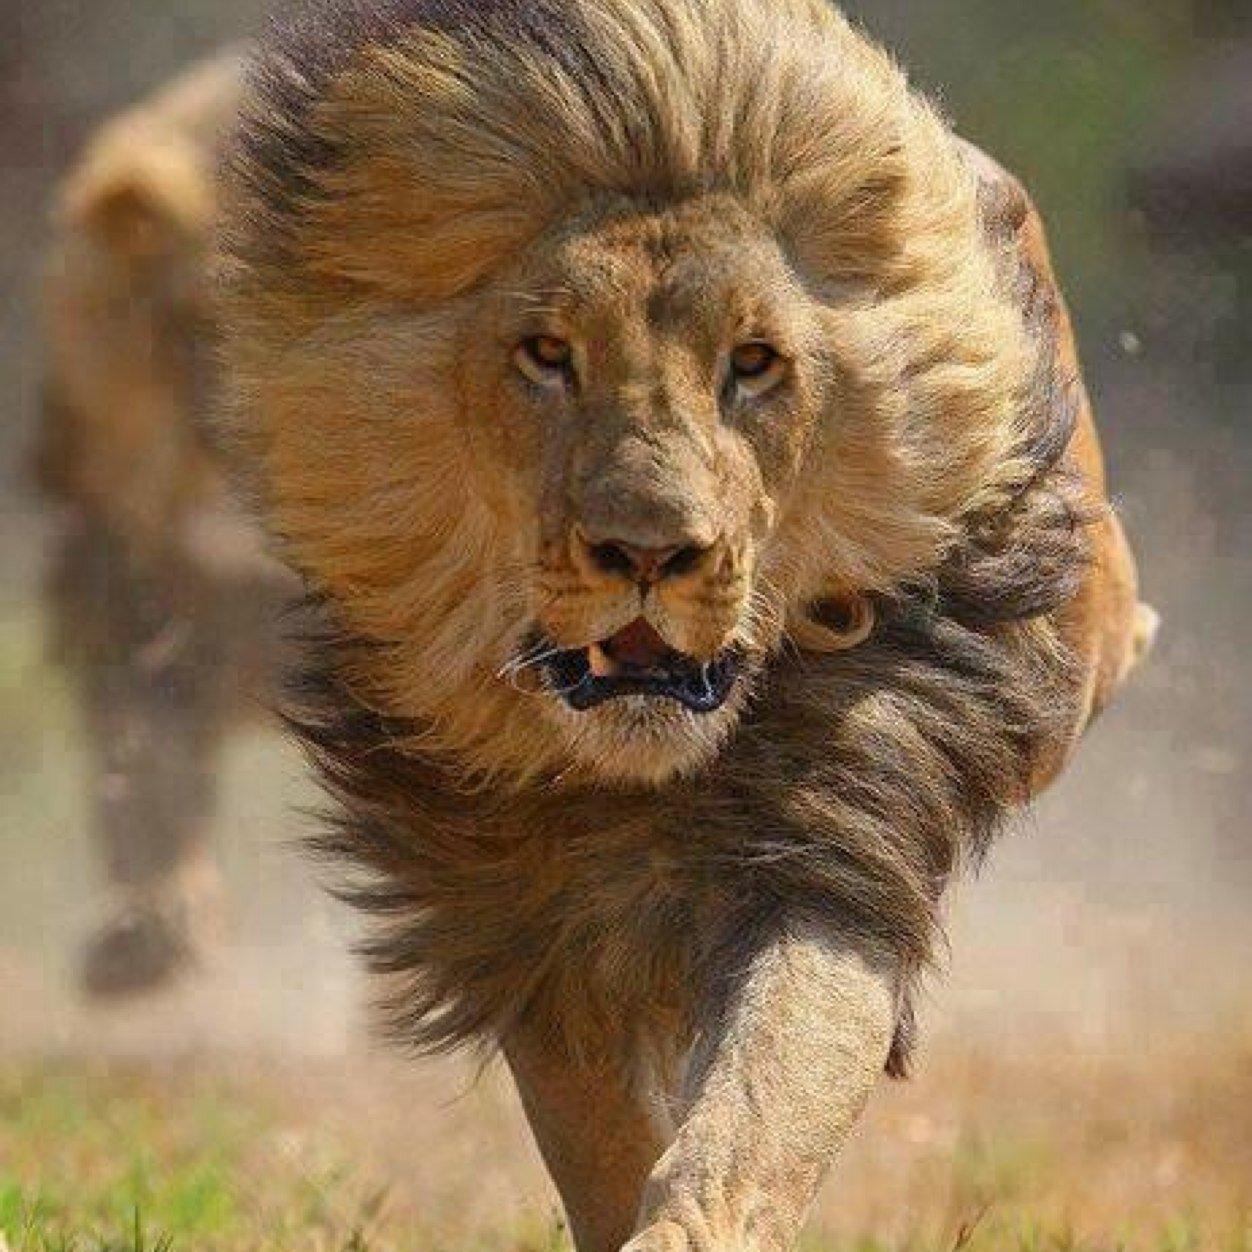 Exceptionnel fesse de lion (@picolo_alcoloo) | Twitter JH98